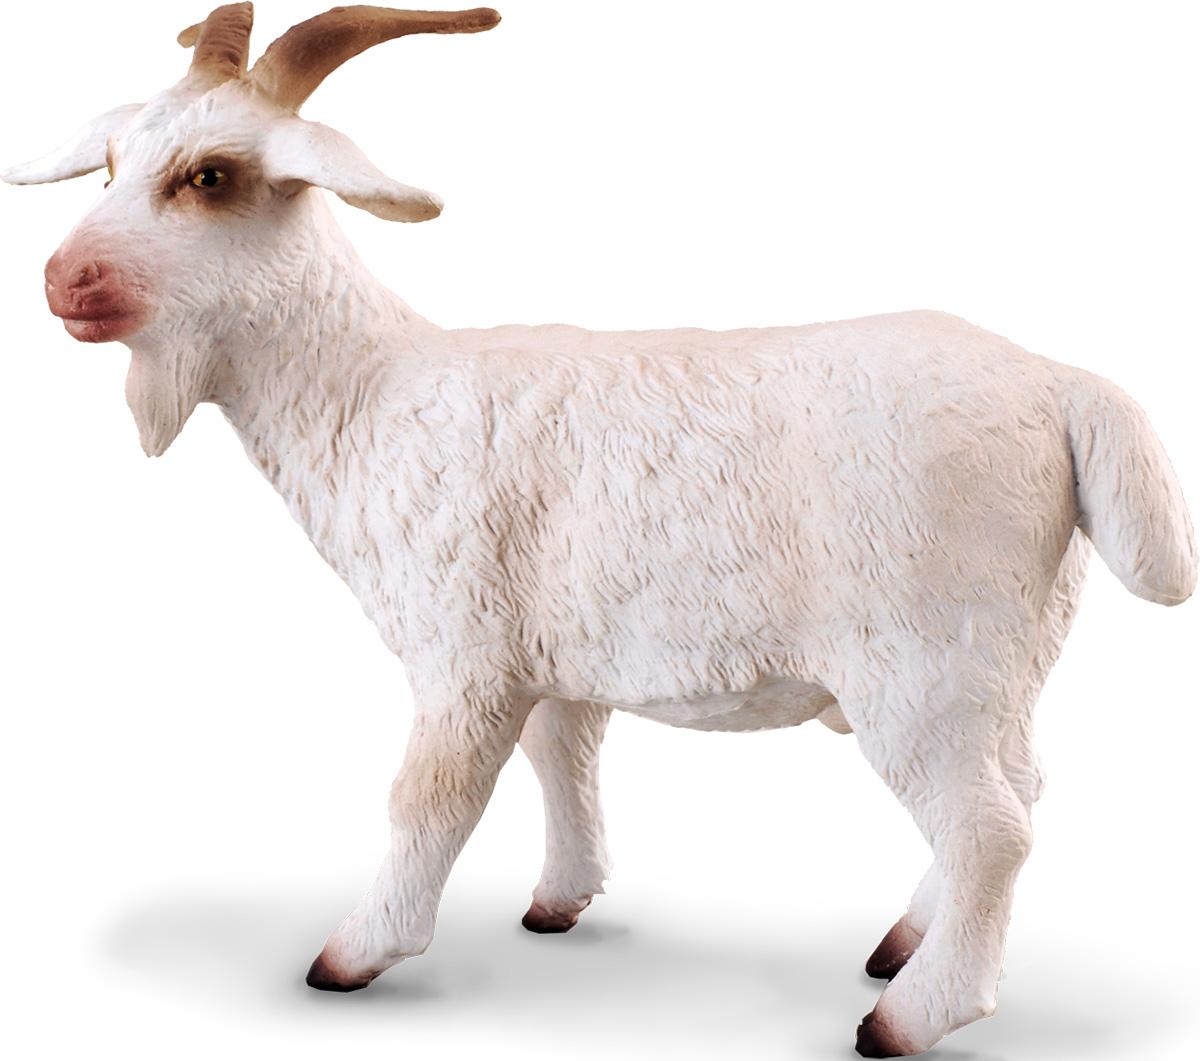 Collecta Фигурка Козел фигурка карликовый козел schleich фигурка карликовый козел